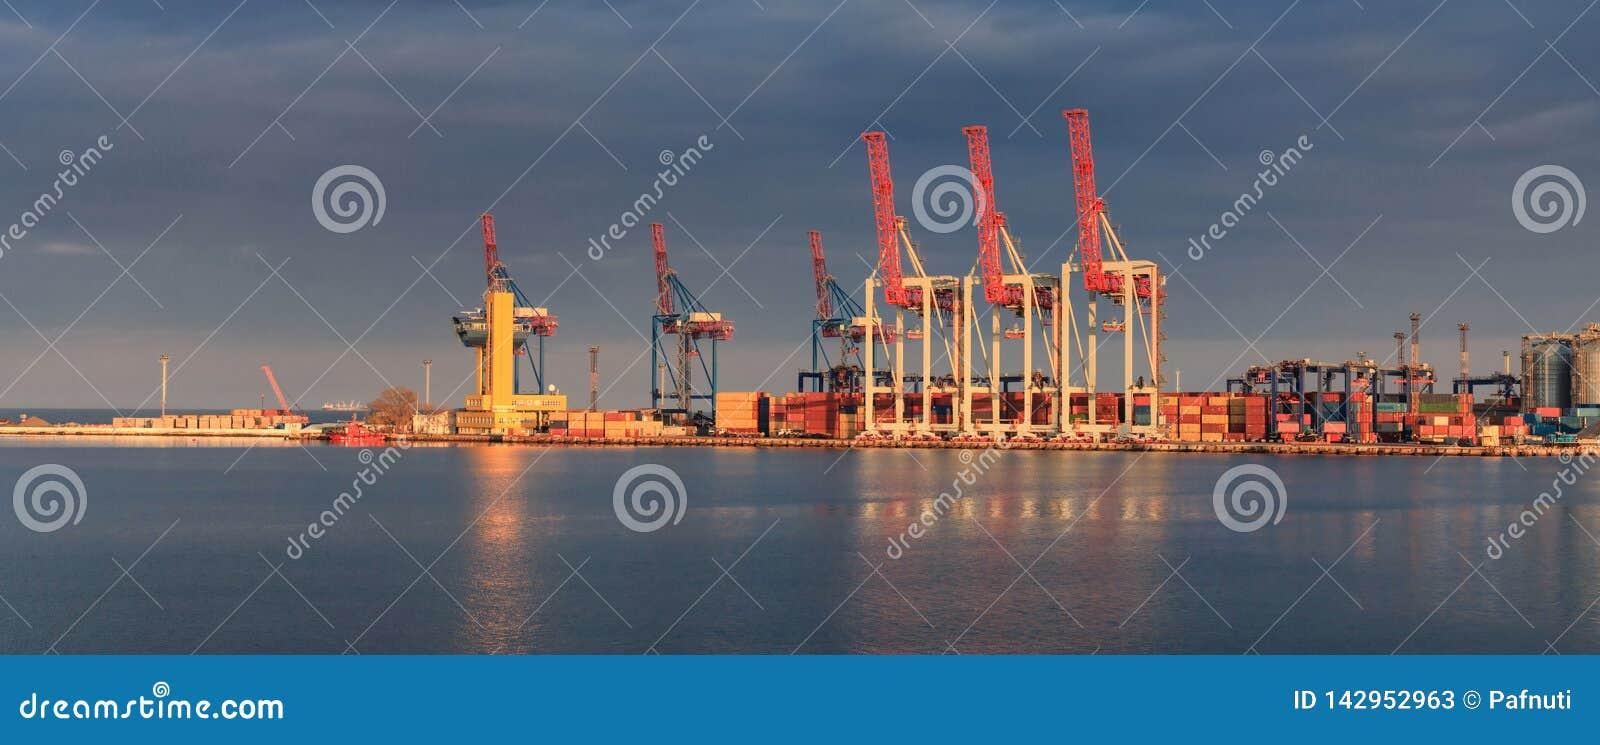 Behälter-Ladungfrachtlieferung mit Arbeitskran